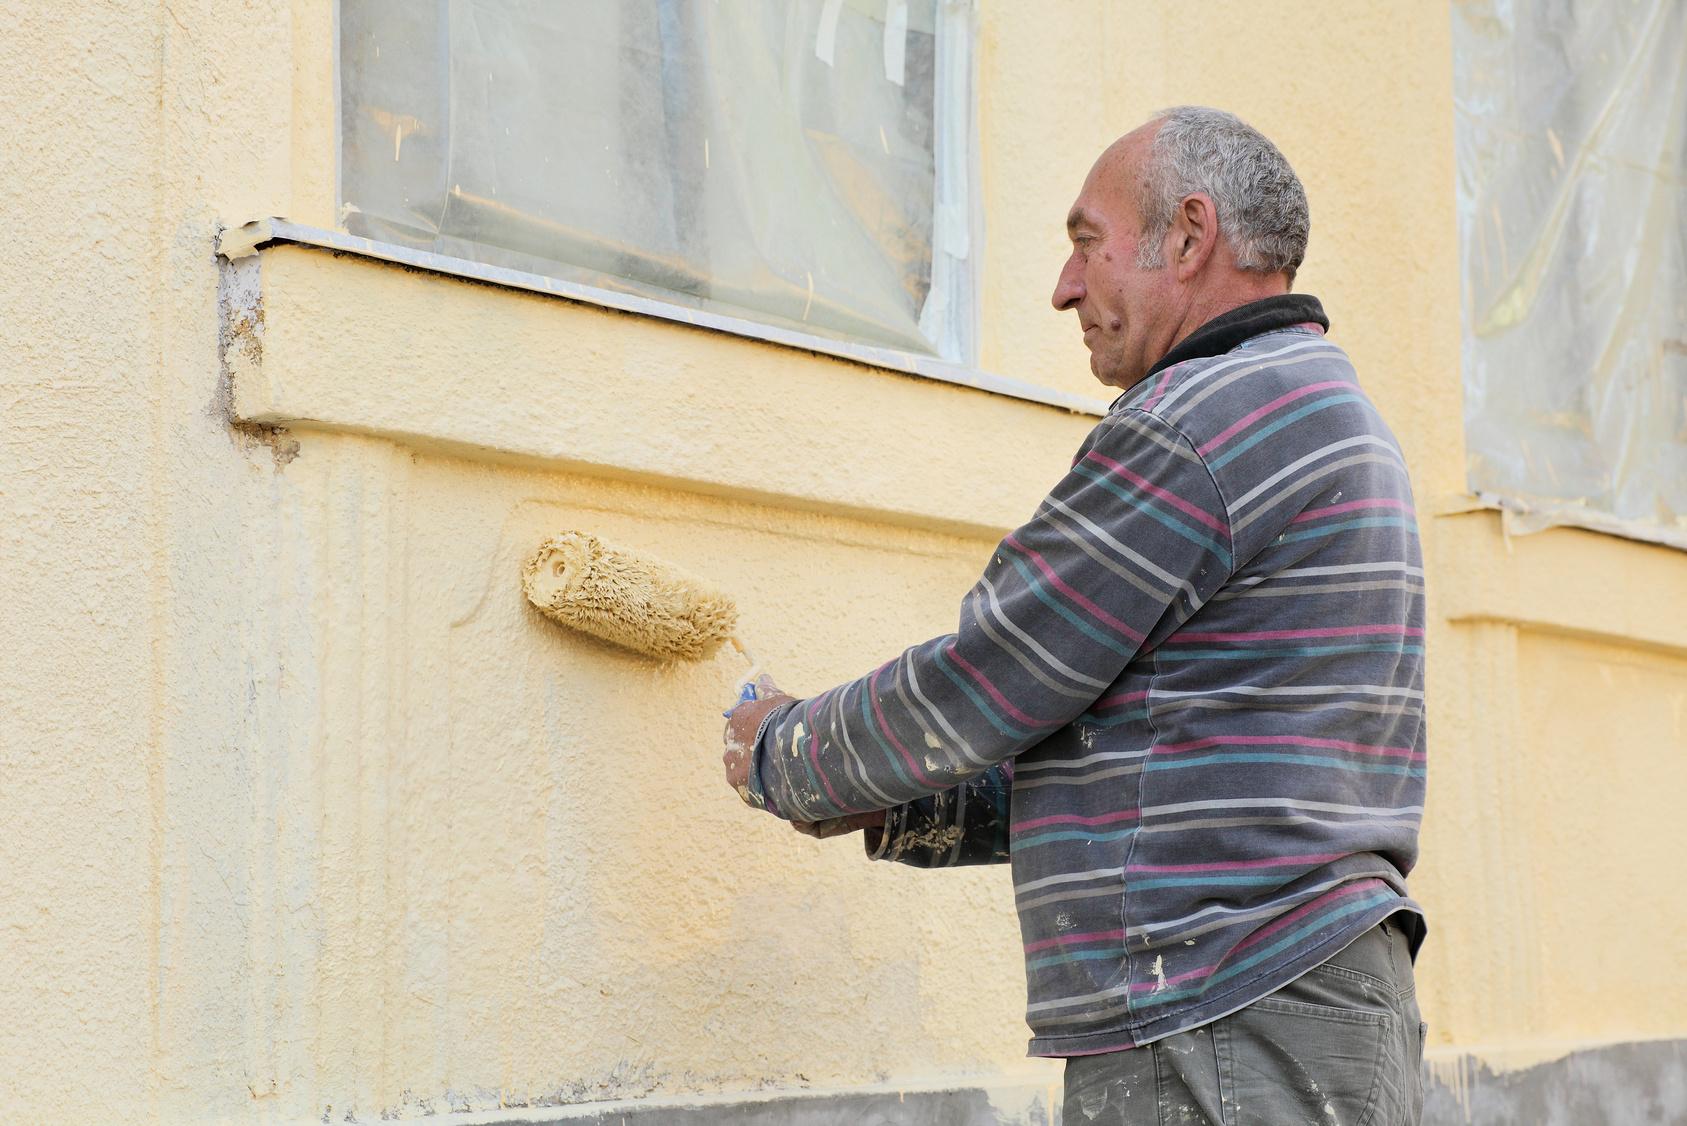 Peindre Mur Pierre Exterieur peindre une façade : les astuces et conseils pour repeindre